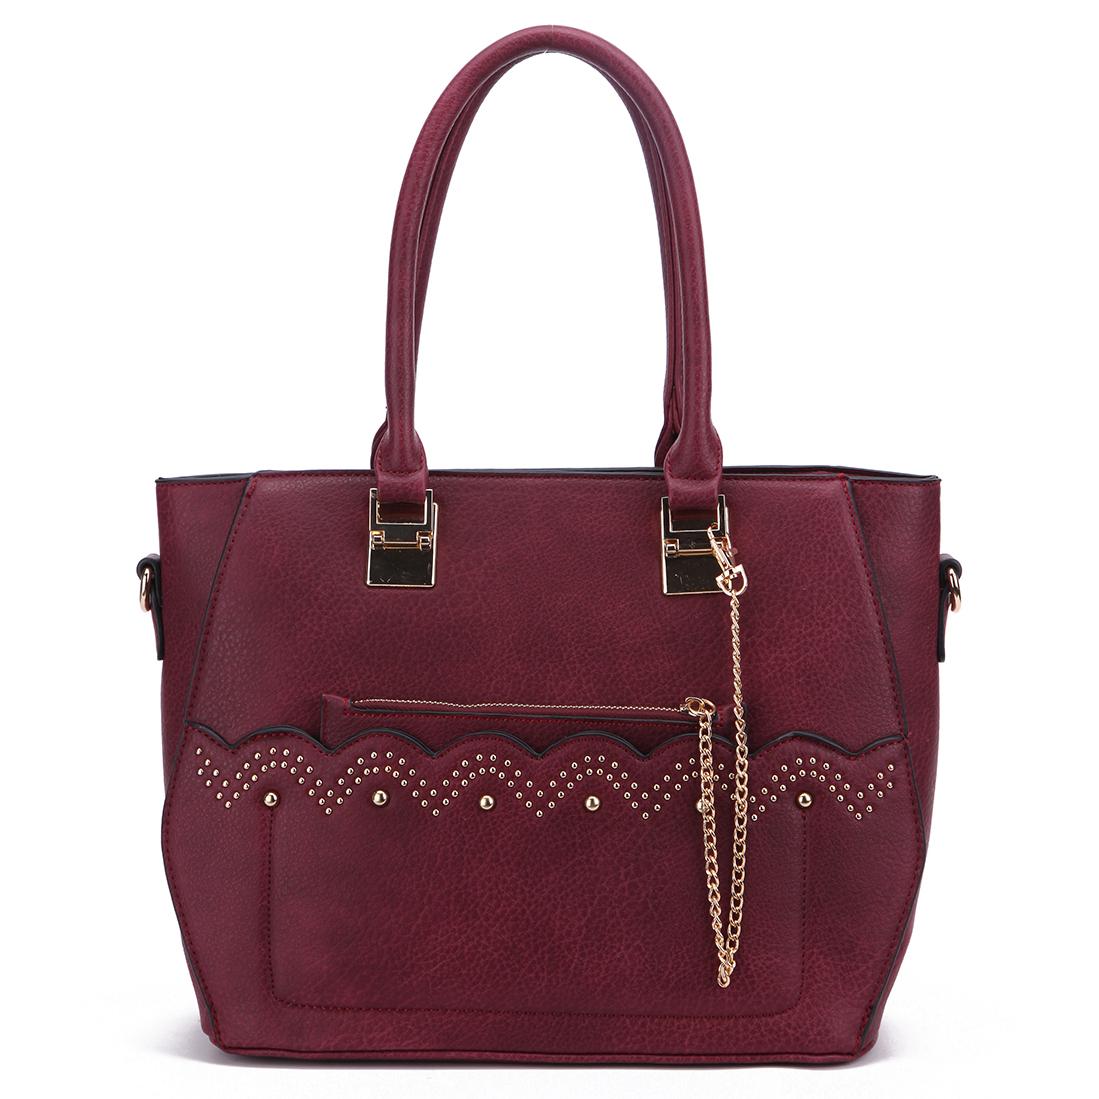 MKF Collection Princess Handbag